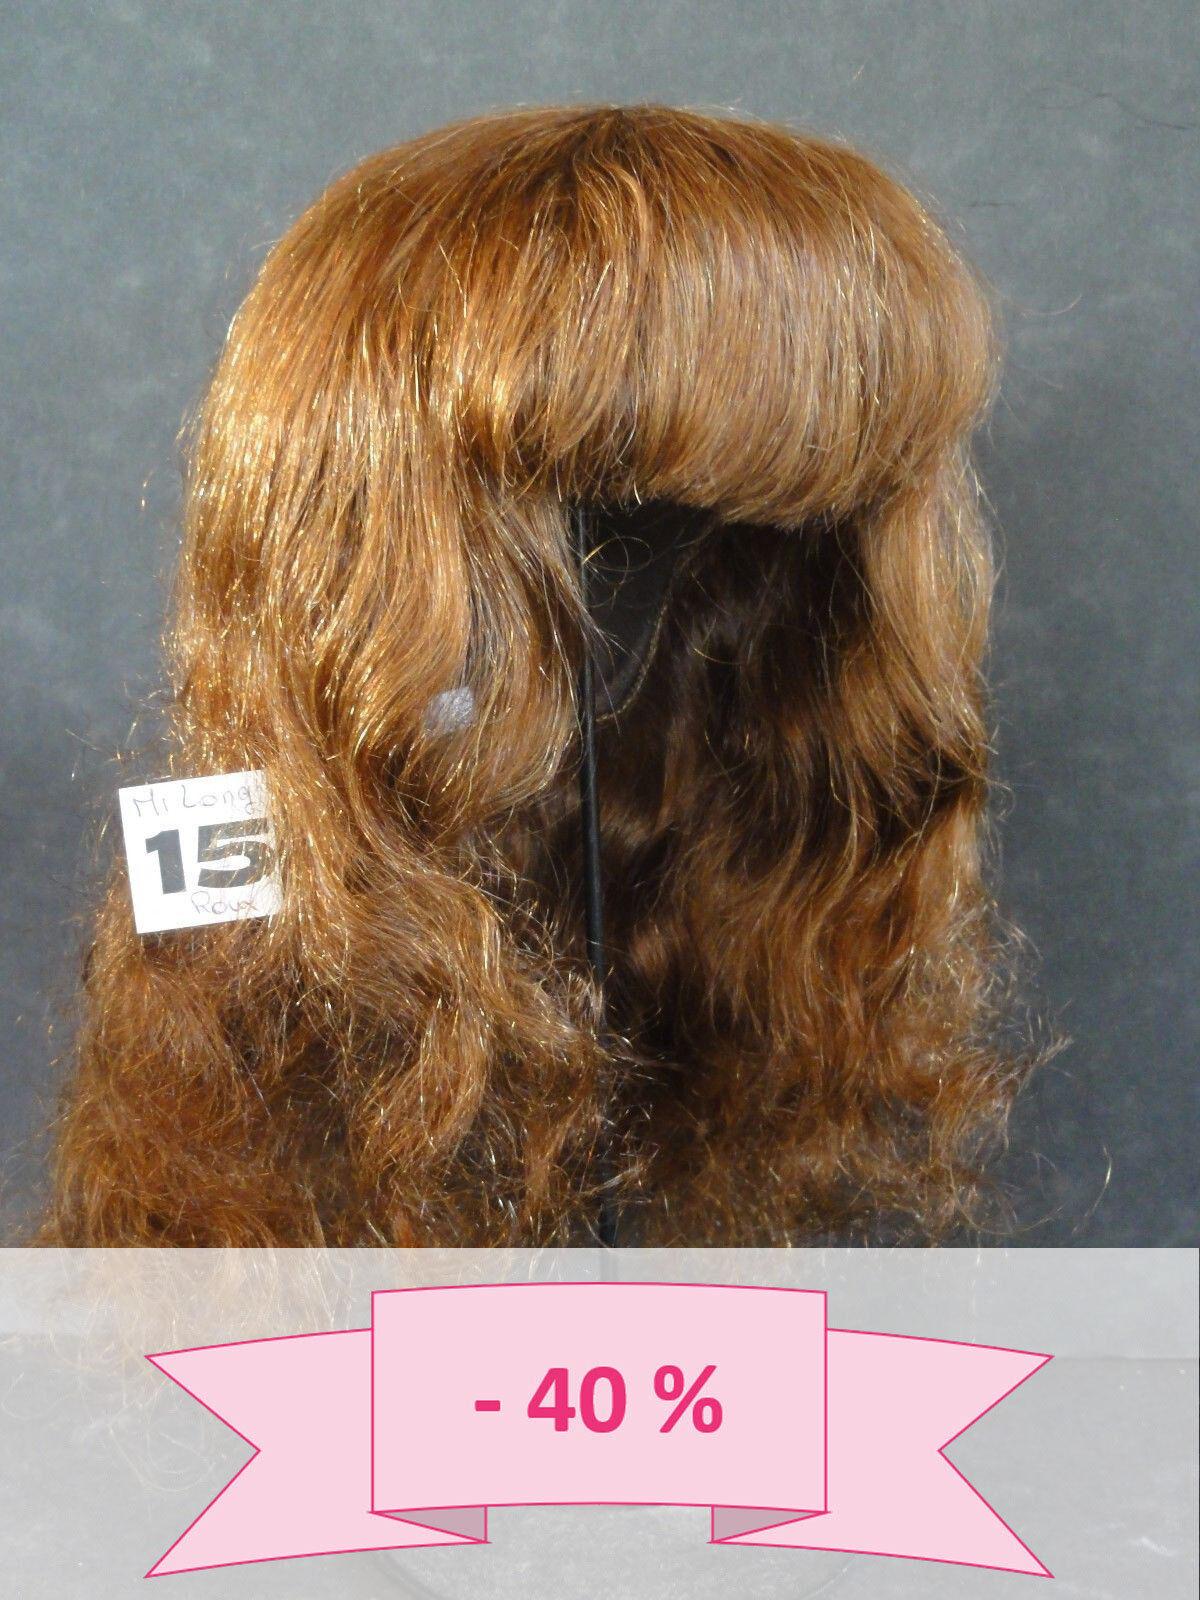 -40% PROMO PERRUQUE de POUPEE T15 (46.5 cm) 100% cheveux mi-long Chatain-roux